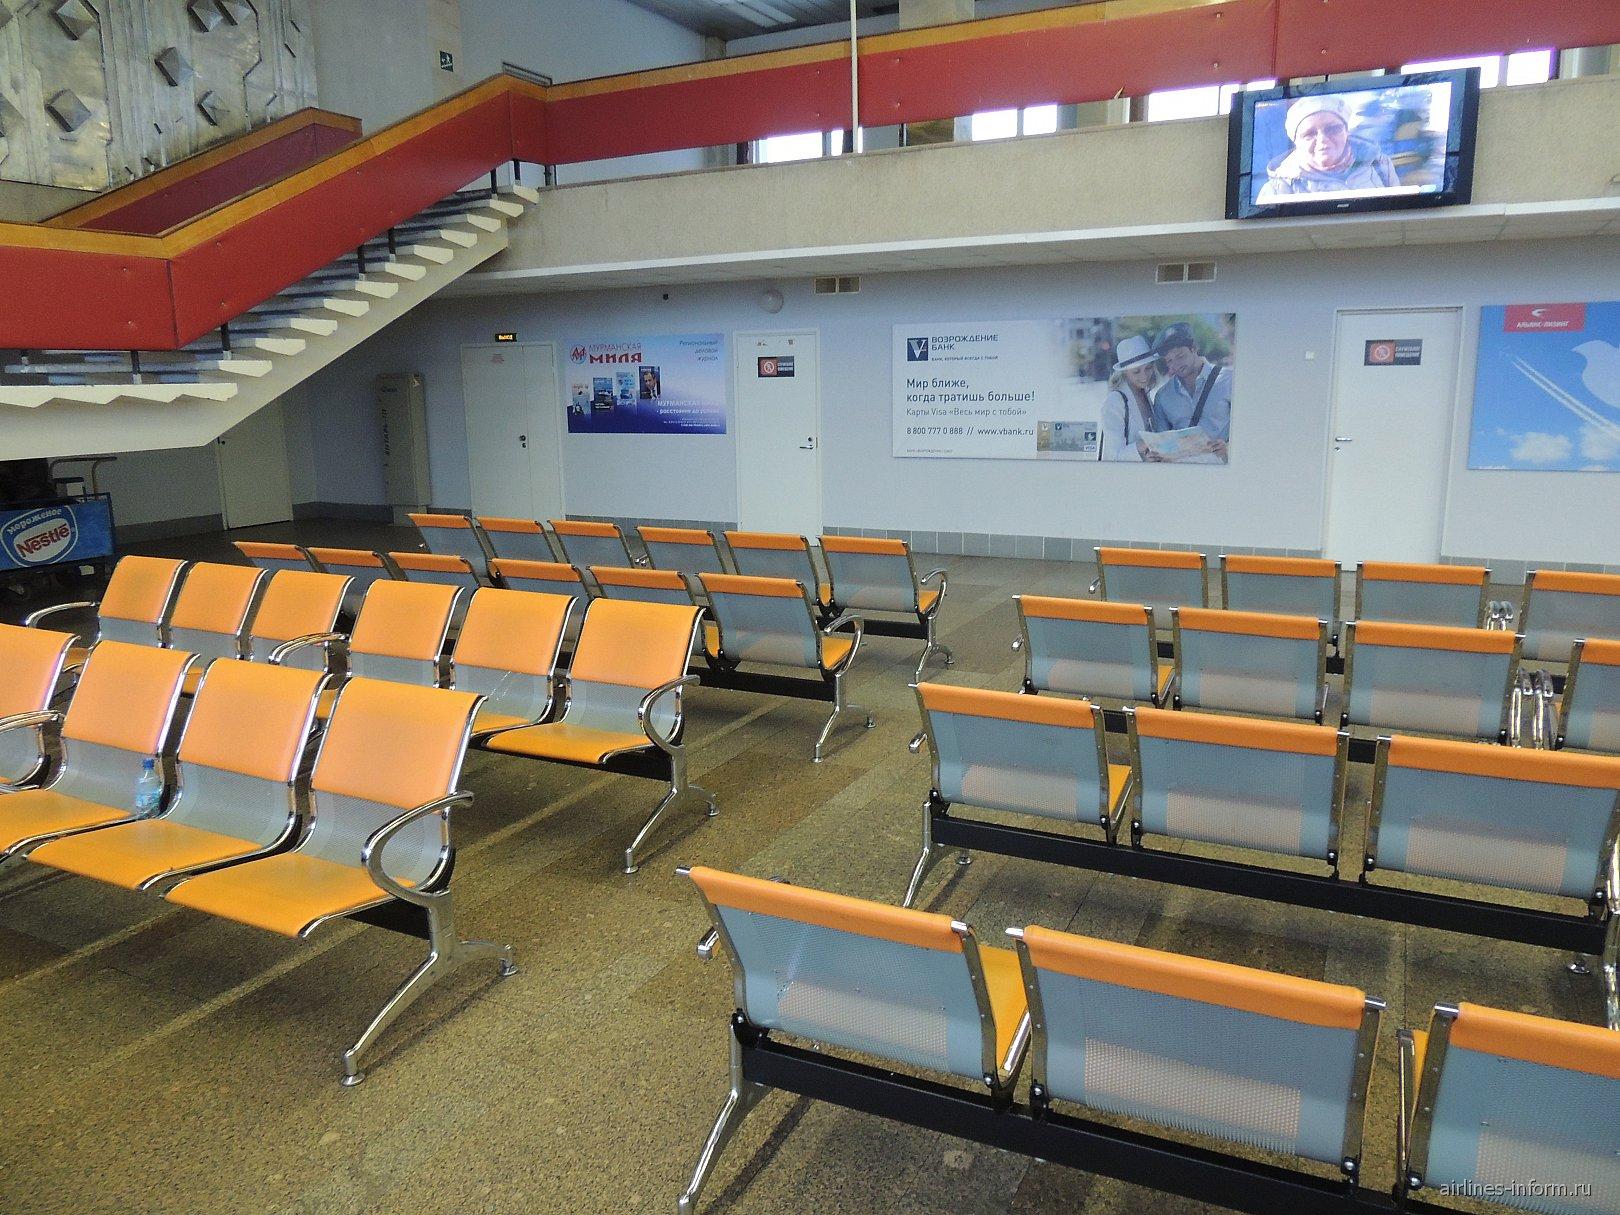 Зал ожидания в чистой зоне внутренних вылетов аэропорта Мурманск